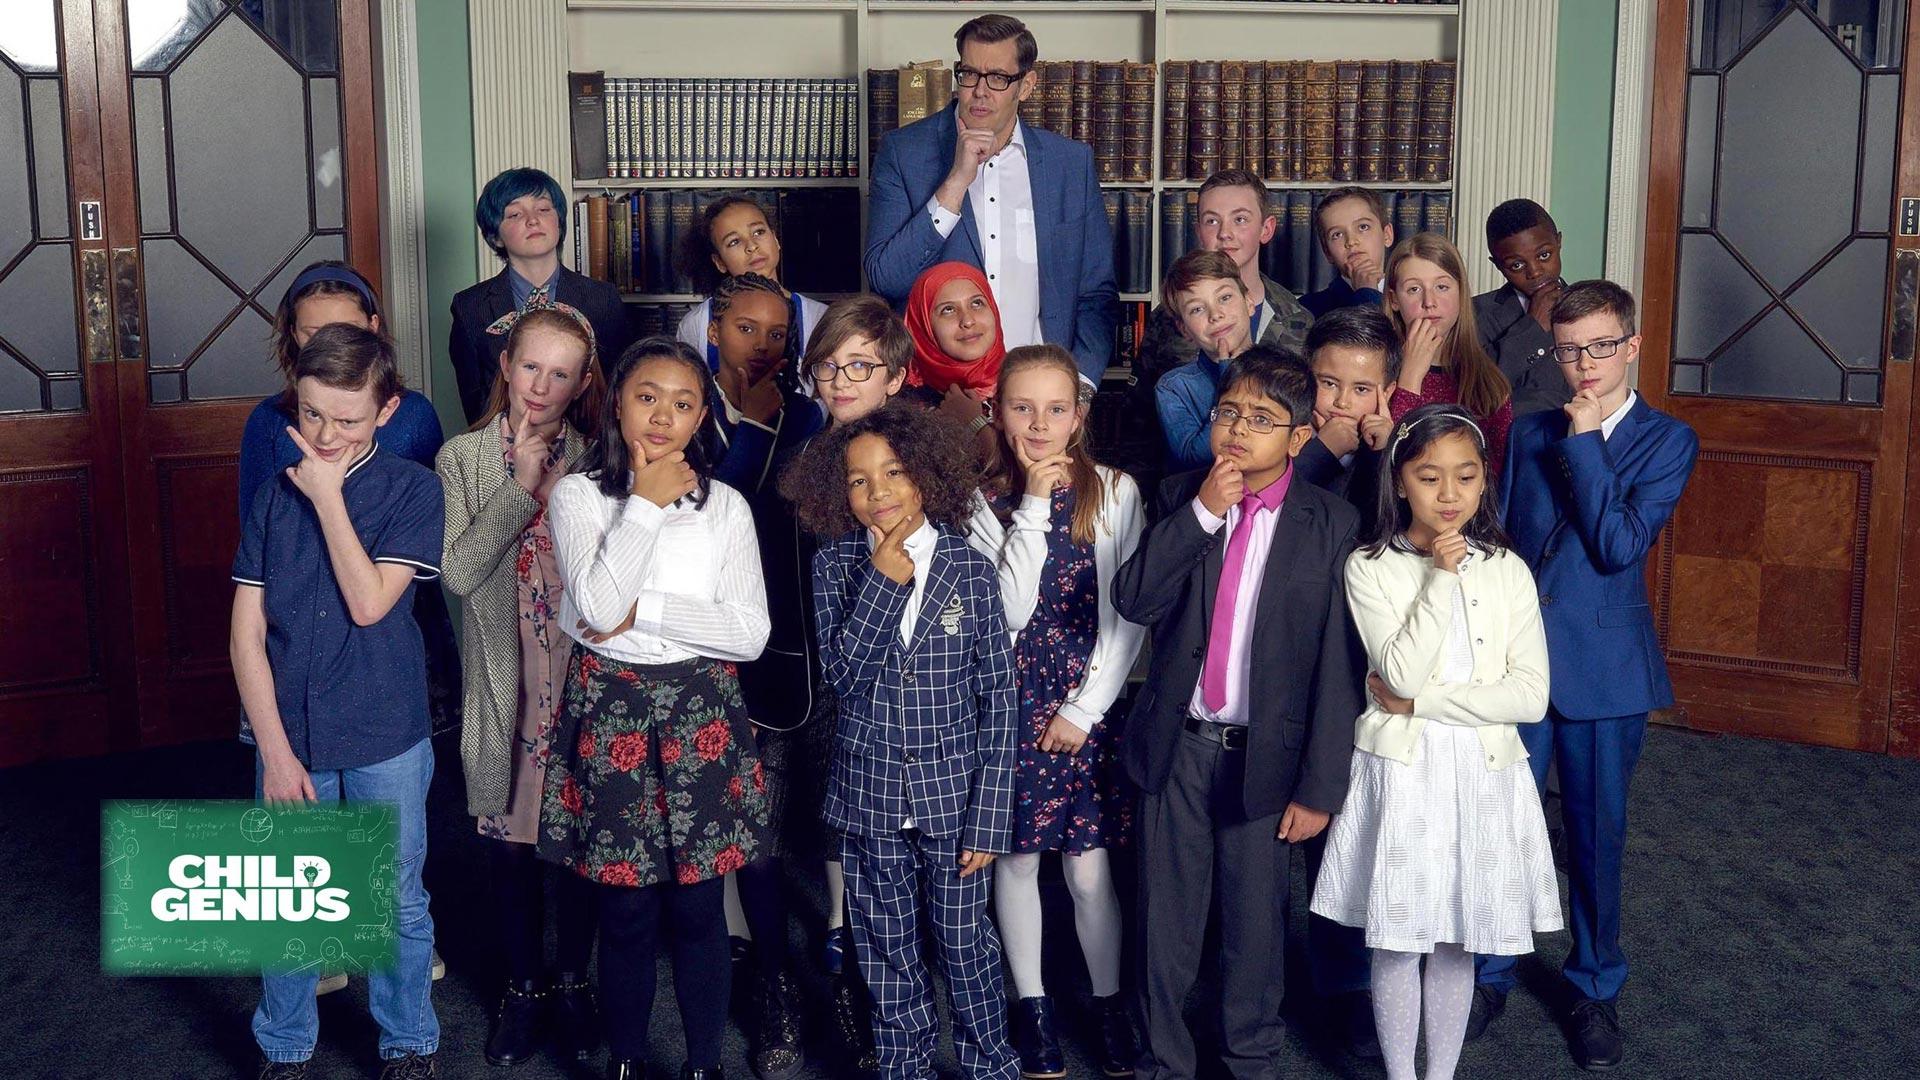 Child genius TV show